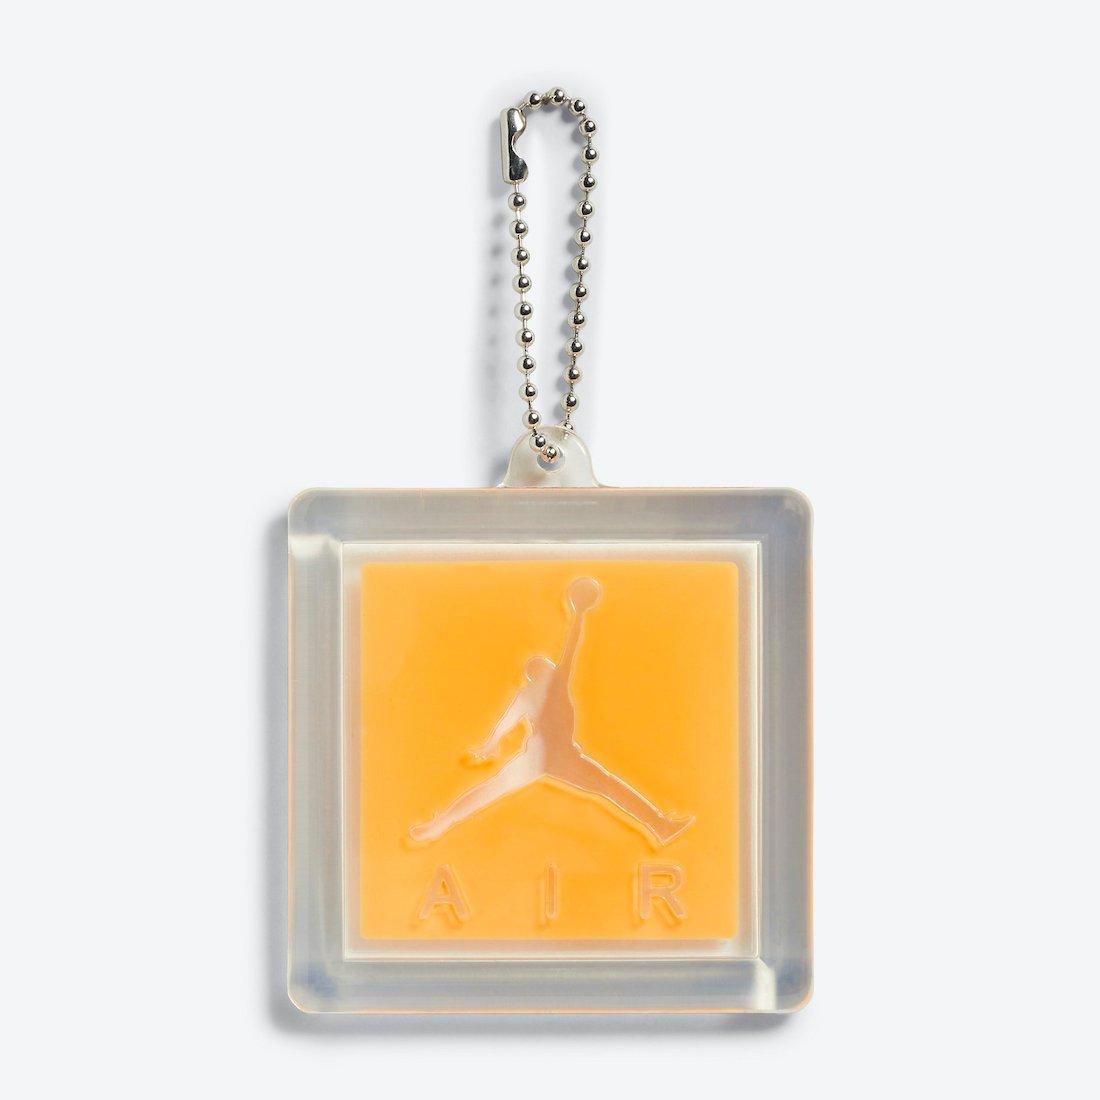 Air Jordan 3 WMNS Laser Orange CK9246-108 Price